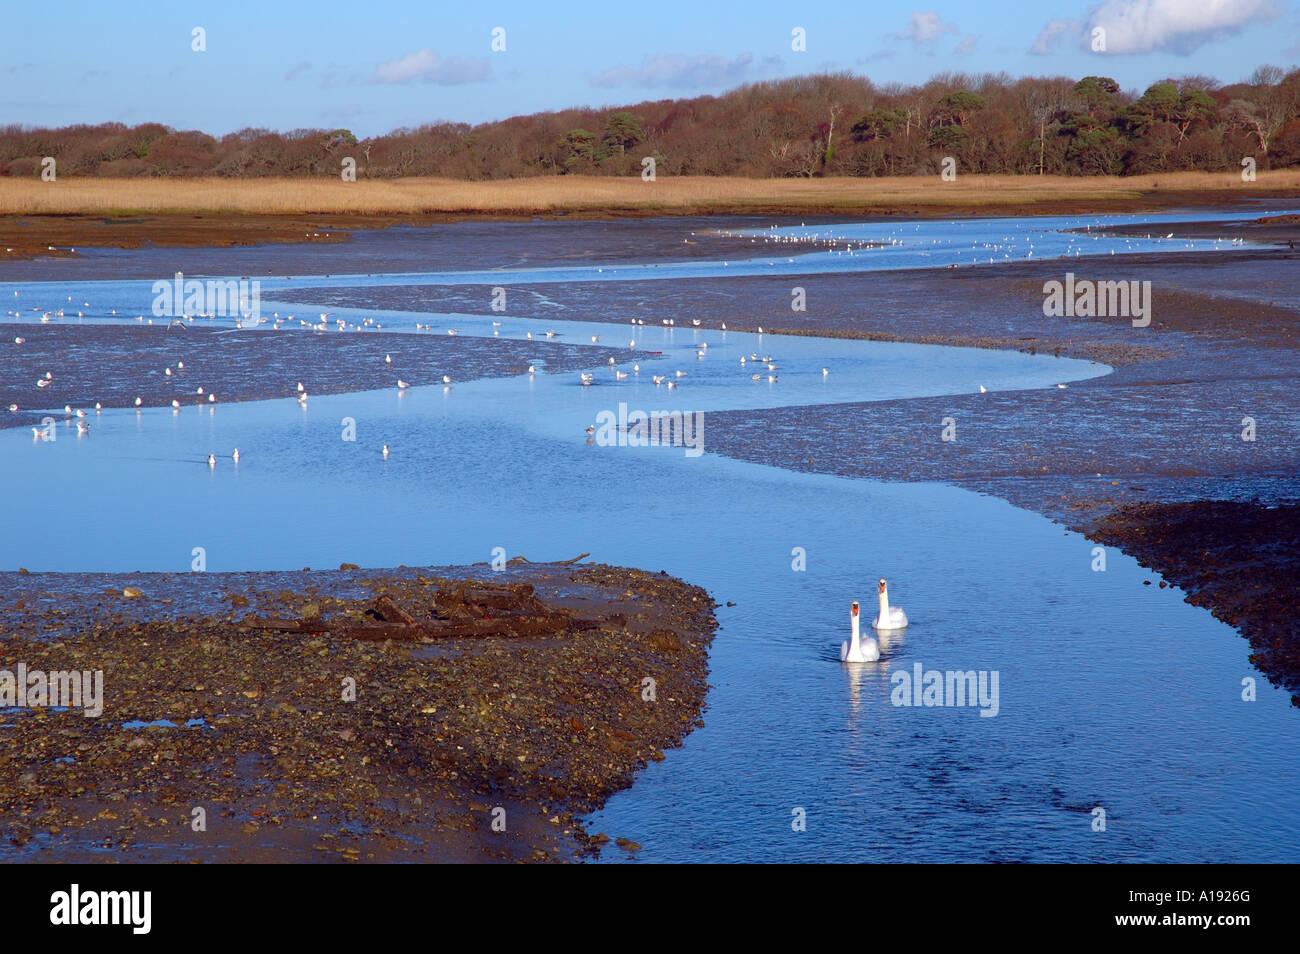 River Yar,  Freshwater, Isle of Wight, England, UK, GB. - Stock Image